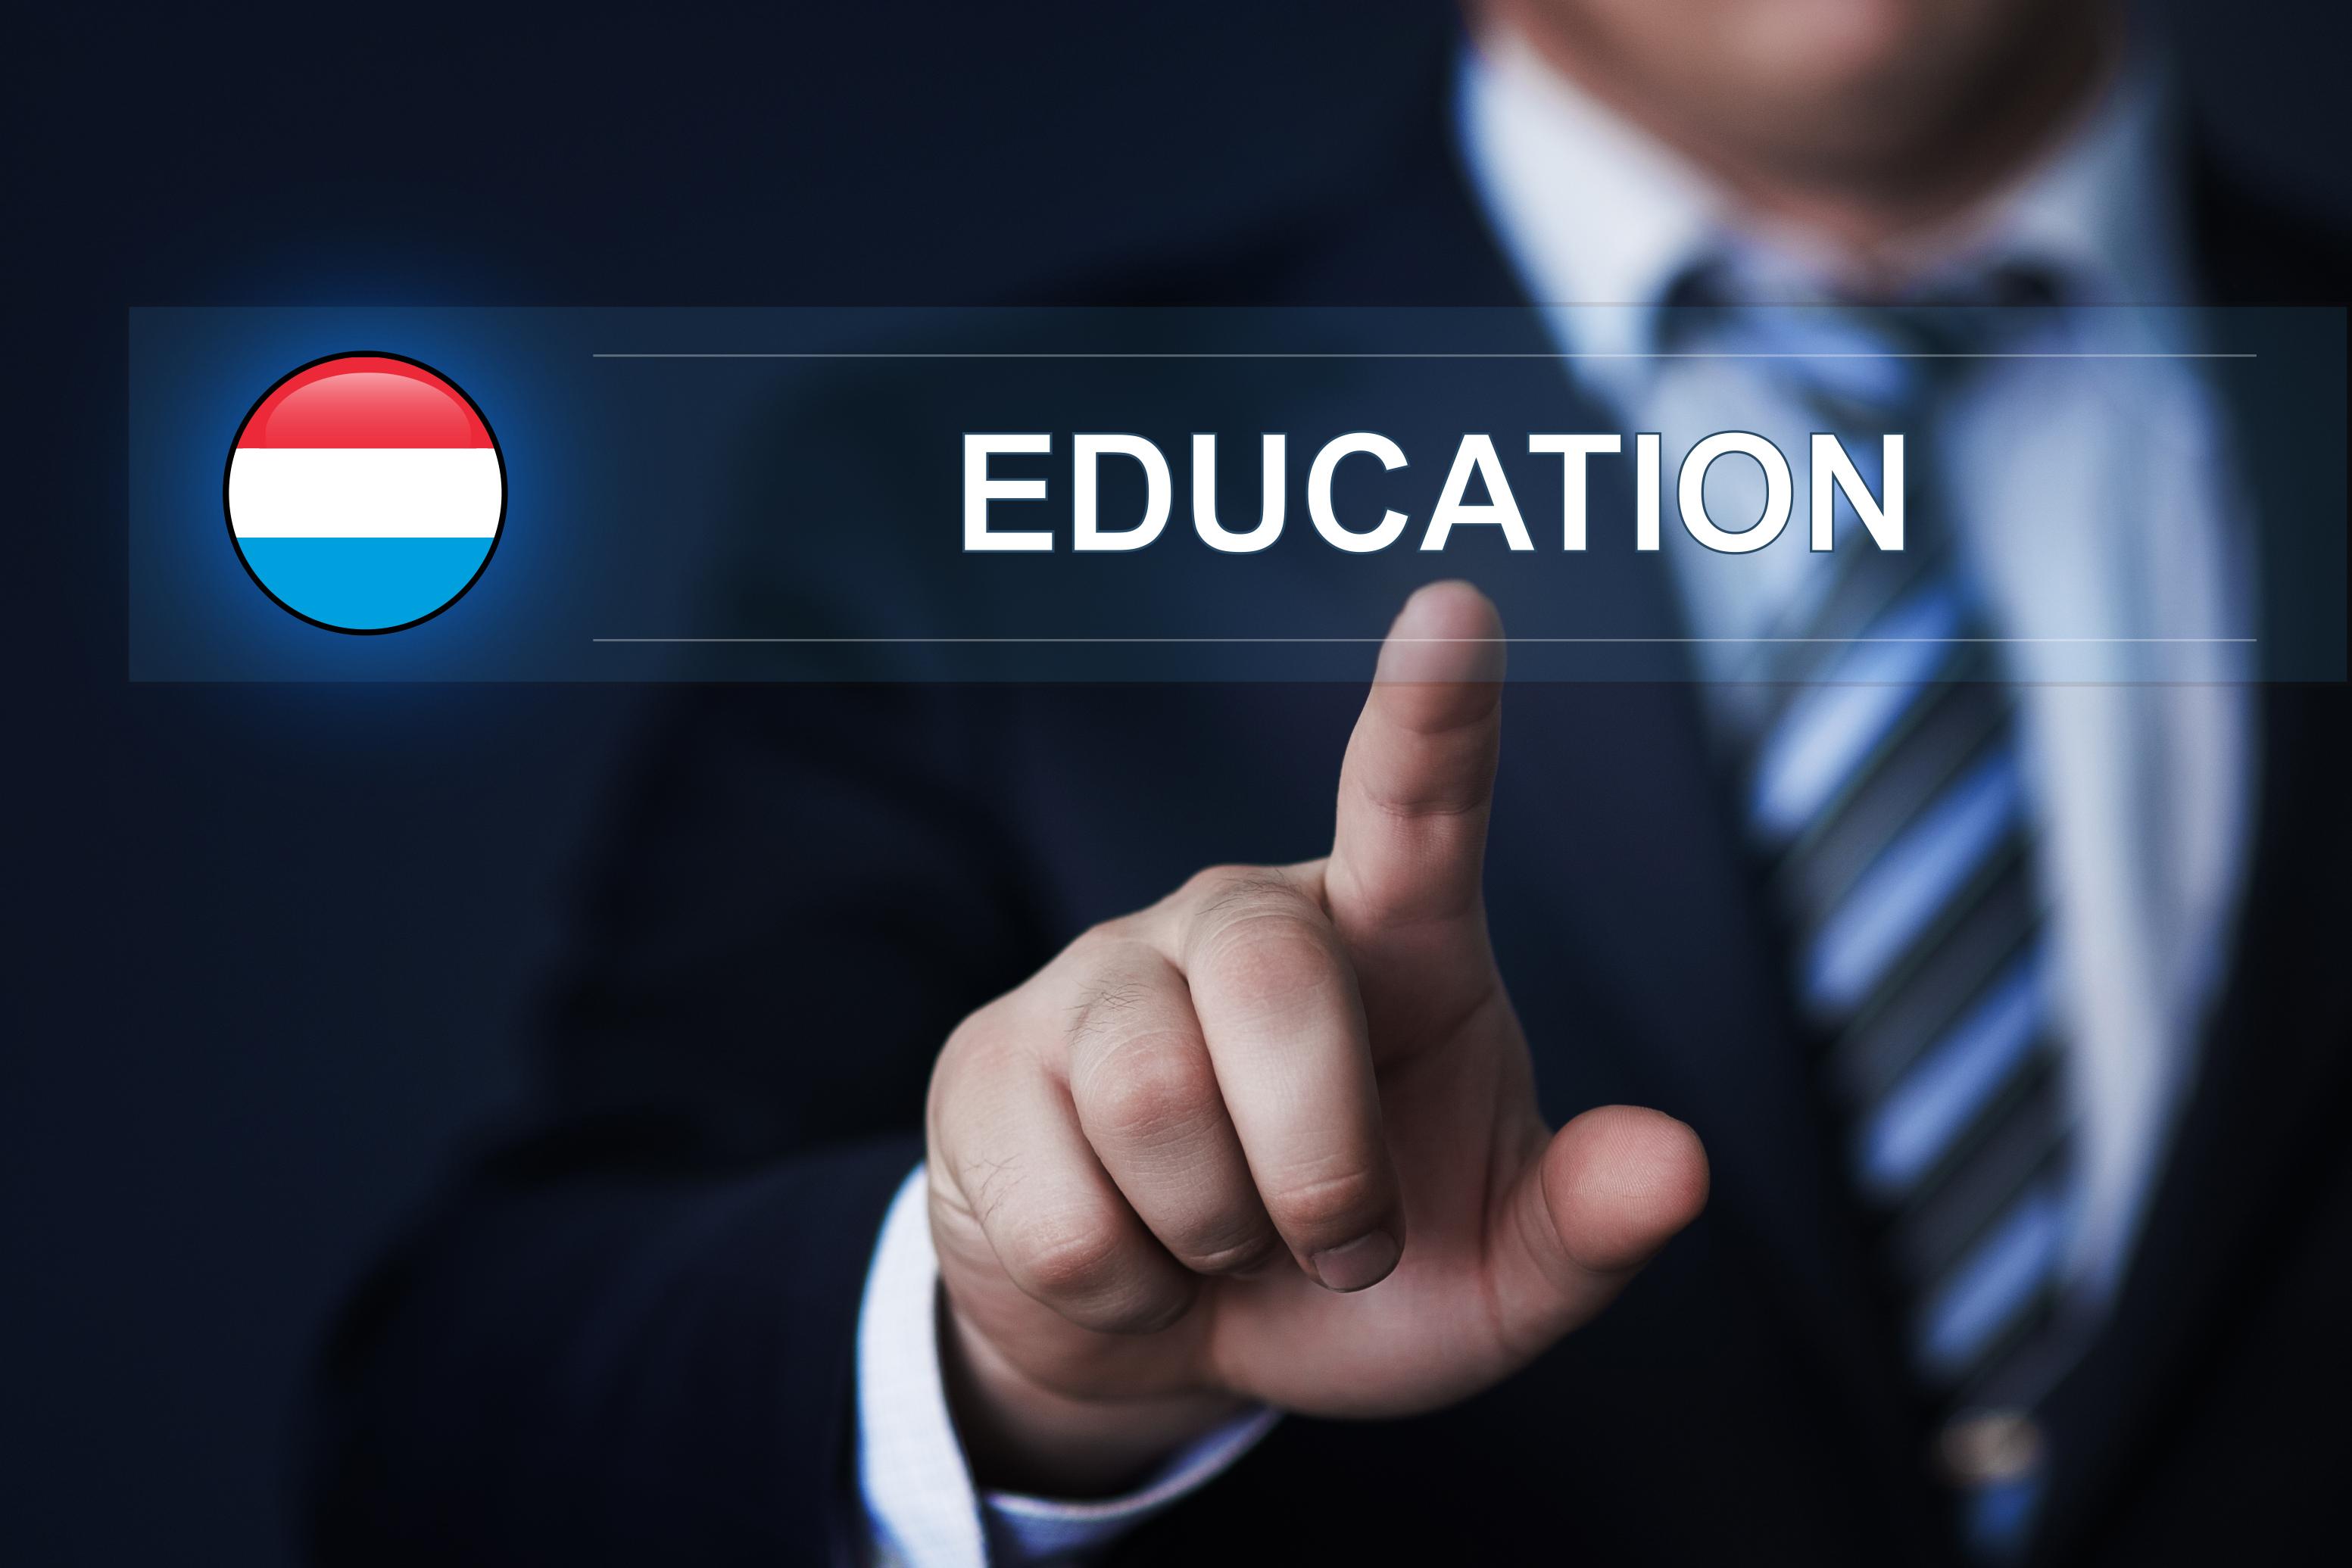 Концепция получения образования в Люксембурге